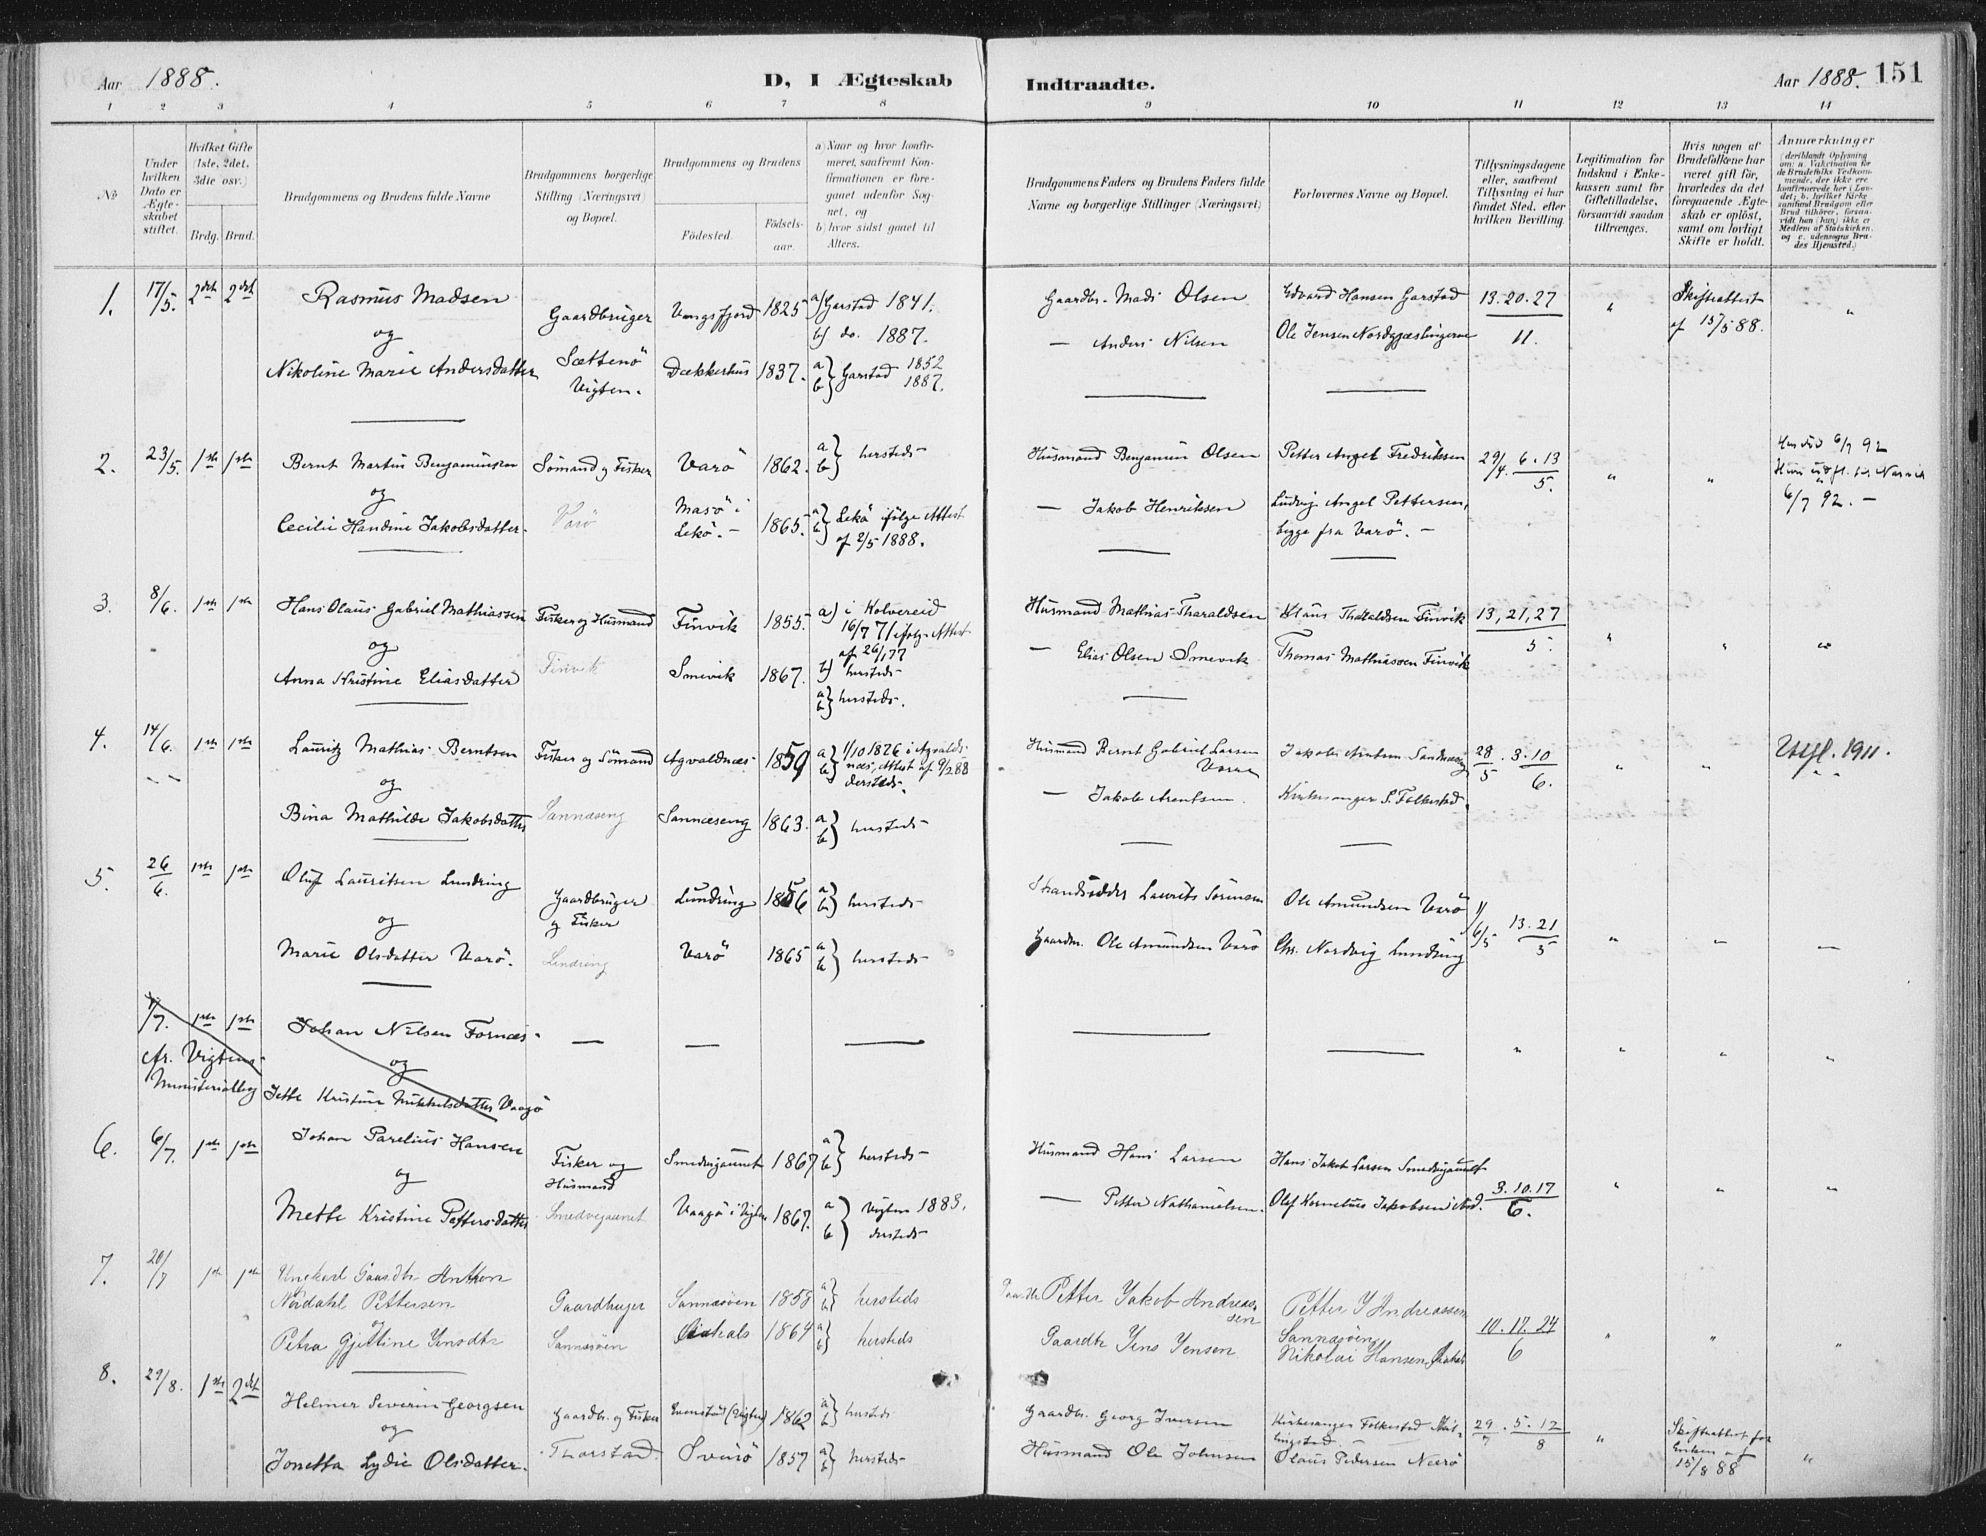 SAT, Ministerialprotokoller, klokkerbøker og fødselsregistre - Nord-Trøndelag, 784/L0673: Ministerialbok nr. 784A08, 1888-1899, s. 151